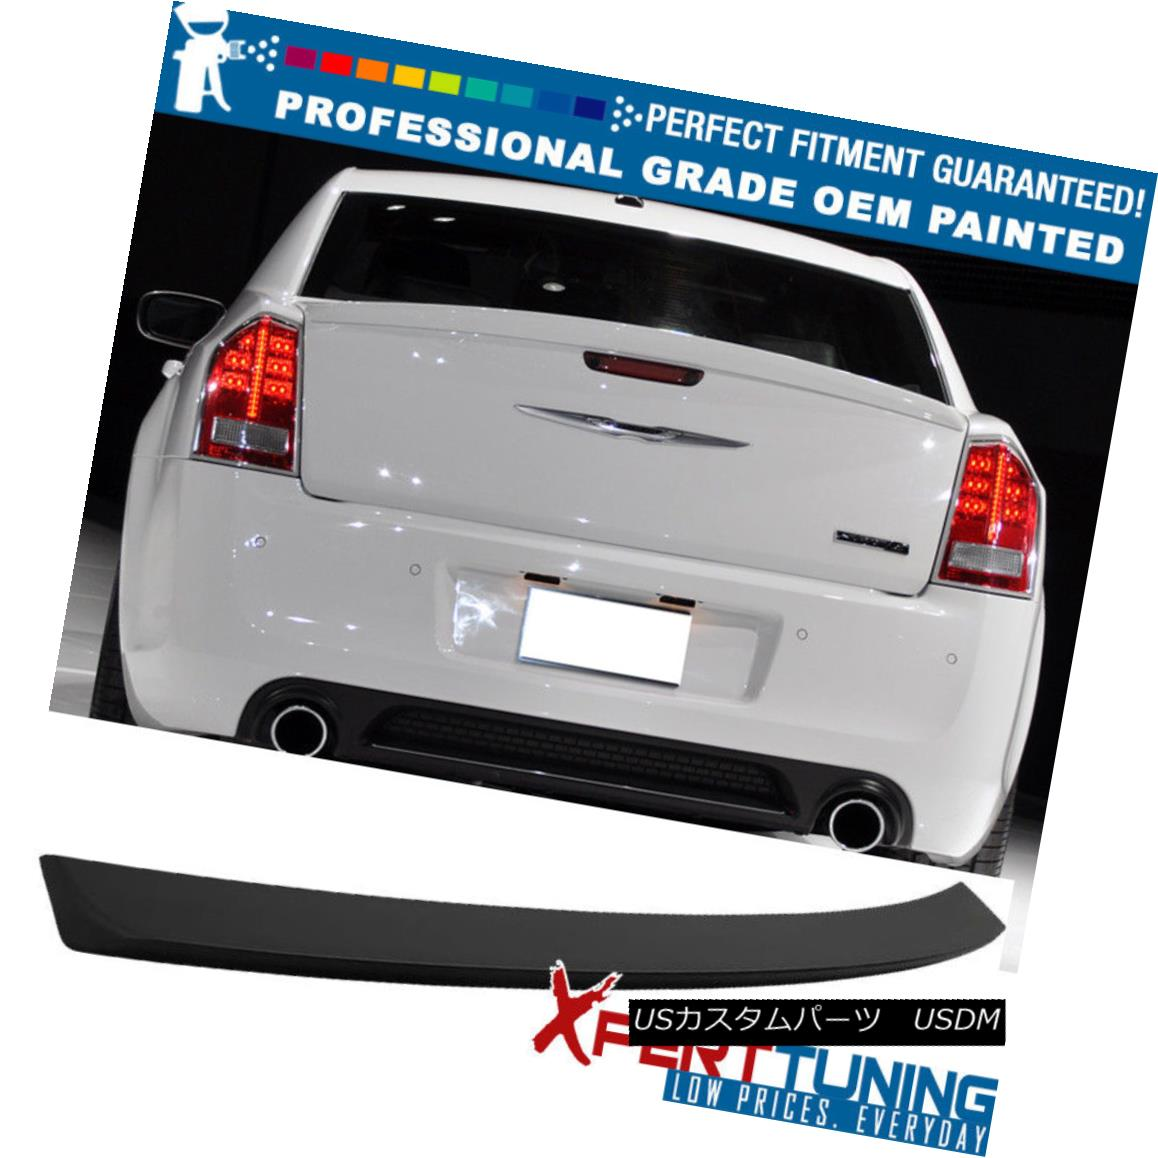 エアロパーツ Fit 11-17 Chrysler 300 300C 300S SRT SRT8 Trunk Spoiler Wing - OEM Painted Color 適合11-17クライスラー300 300C 300S SRT SRT8トランク・スポイラー・ウィング - OEM塗装色